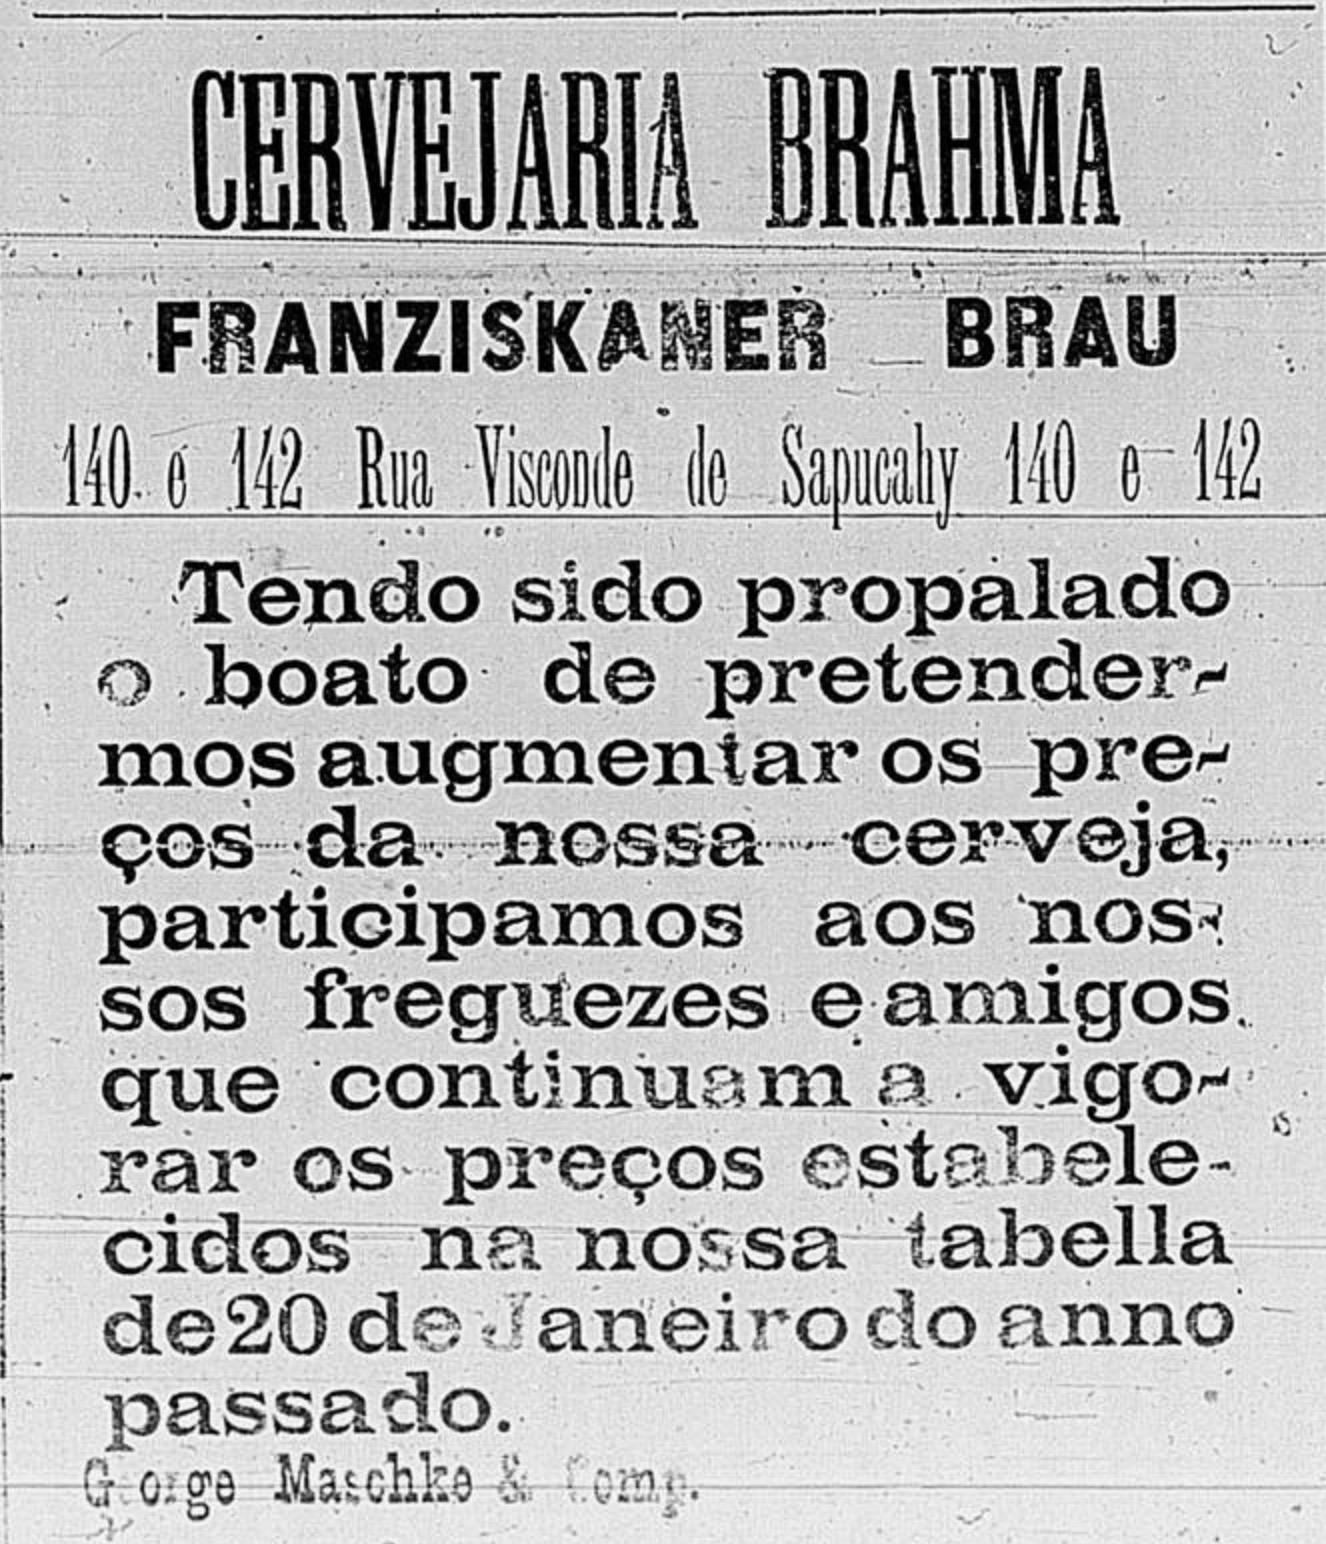 Anúncio da Cervejaria Brahma em 1898 para combater o boato de aumento de preços